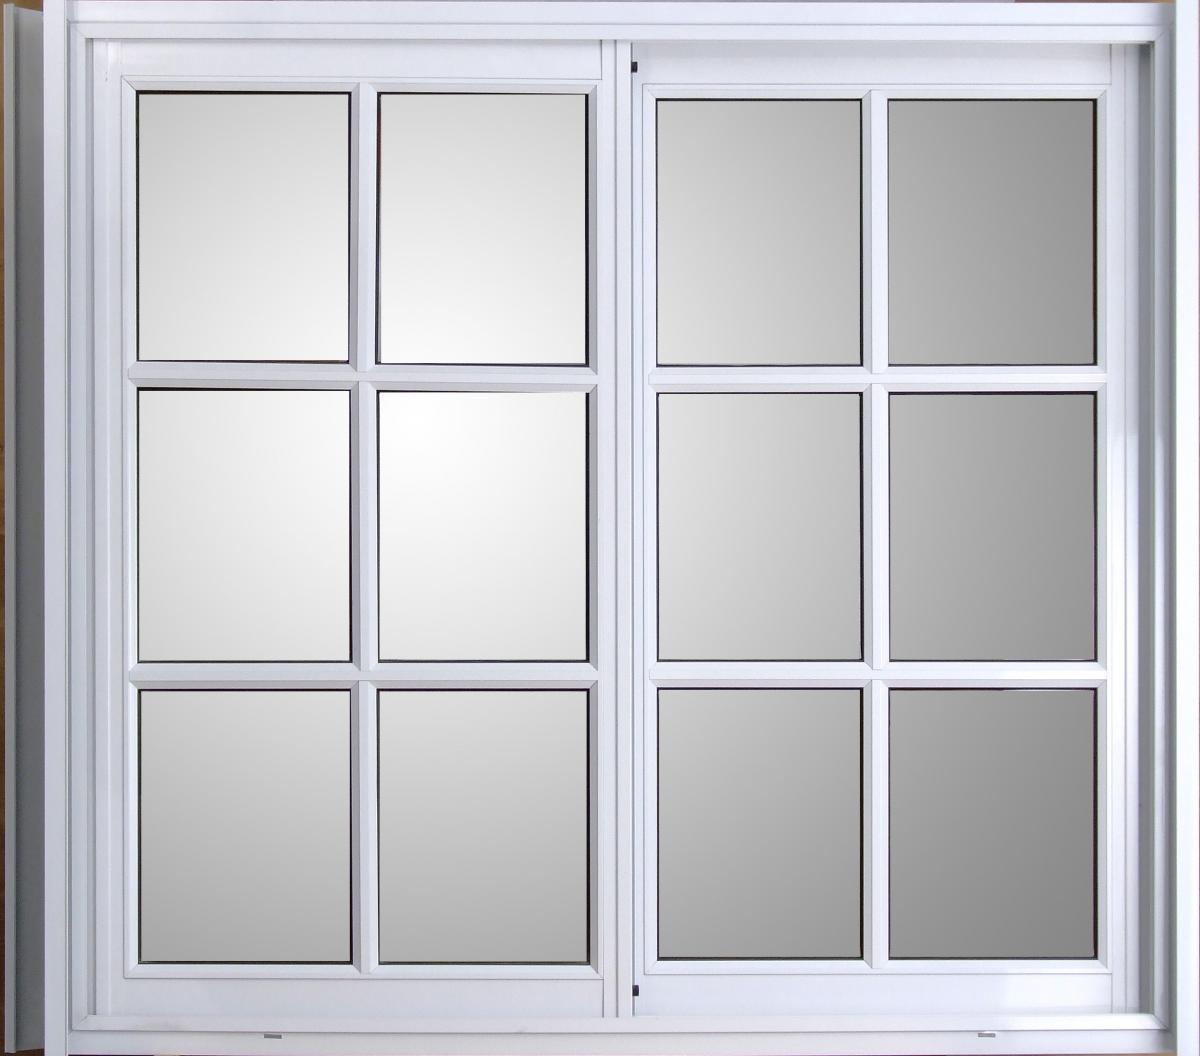 Le robaron las ventanas baradero te informa for Ventanas de aluminio precios argentina